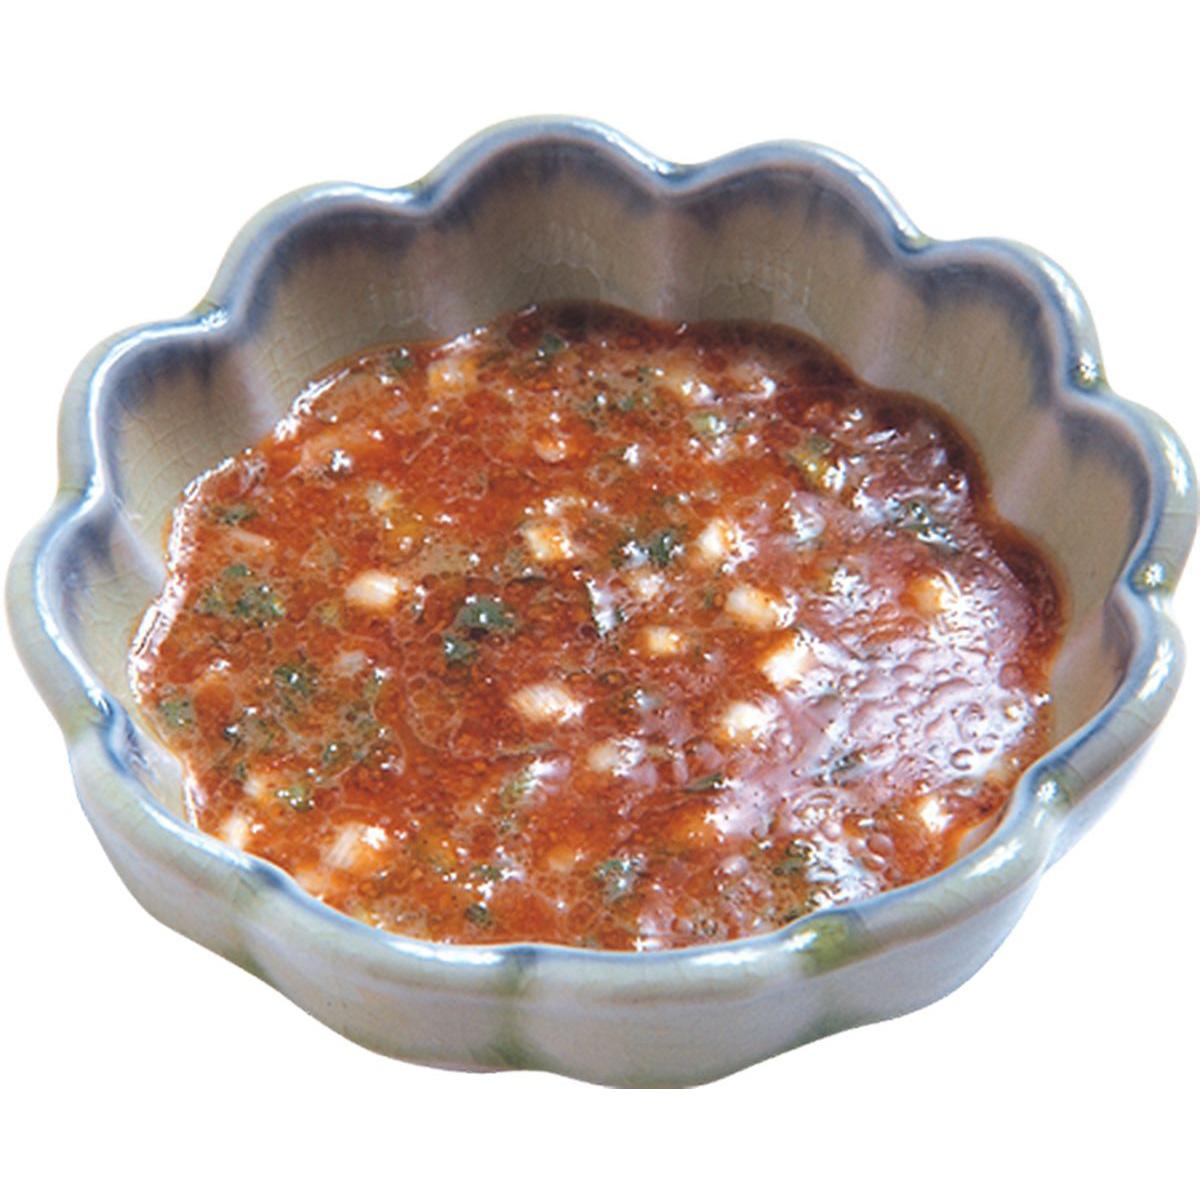 食譜:韓式麻辣鍋沾醬